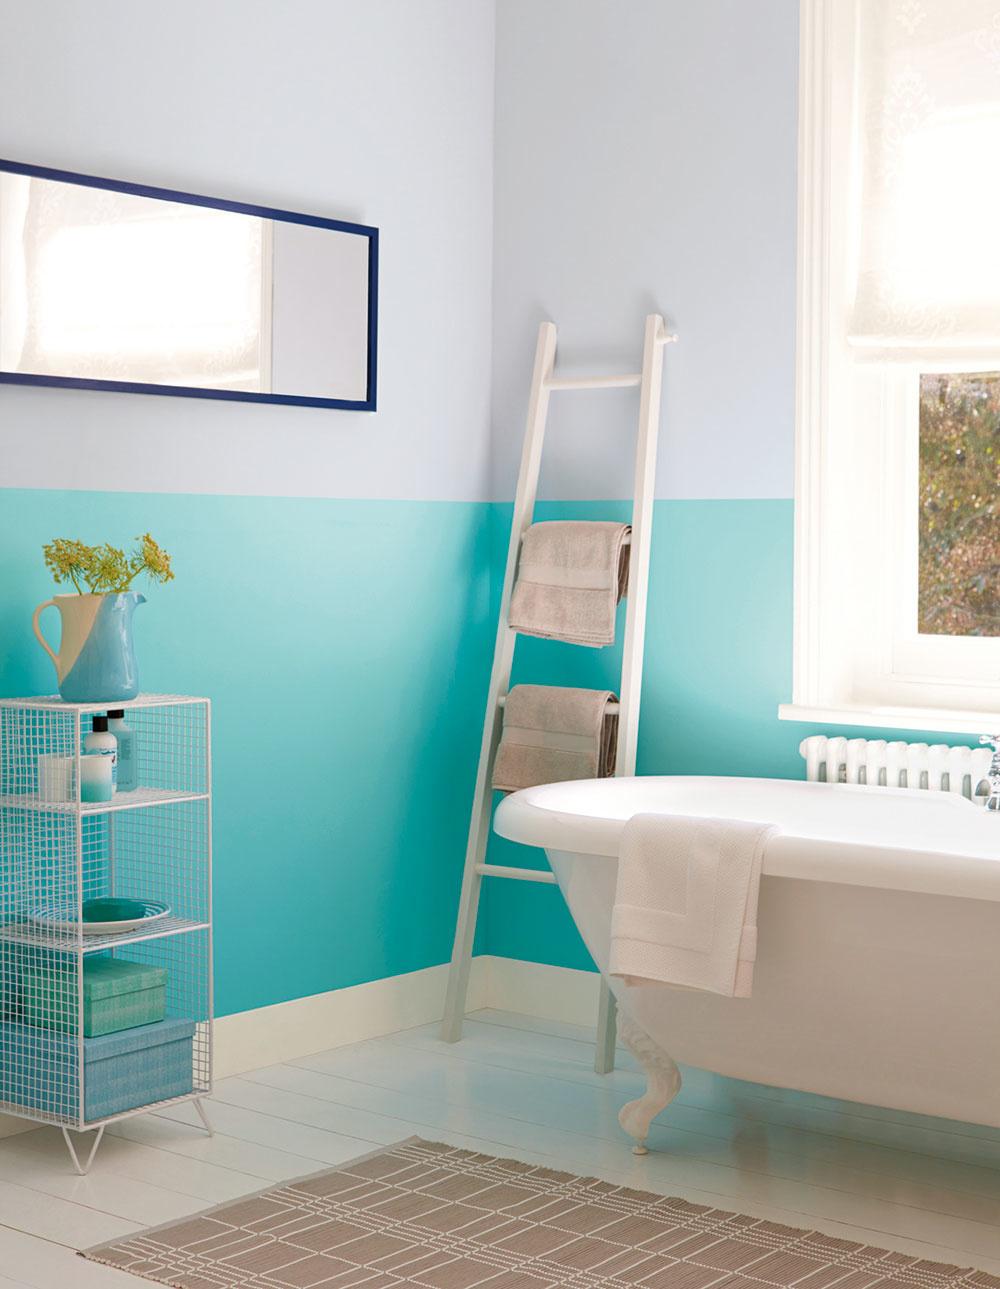 """Aj keď obklady ponúkajú nesmierne možnosti, na stenách kúpeľne dokážu parádne """"zahviezdiť"""" aj farebné nátery, určené špeciálne do vlhkých priestorov. Kúpeľňový priestor je tak odľahčený od váhy keramických obkladačiek. Ide o nízkonákladové riešenie, ktoré však pri vhodne zvolených farebných kombináciách a dodržanom technologickom postupe nijako nepokrivkáva za obkladmi."""